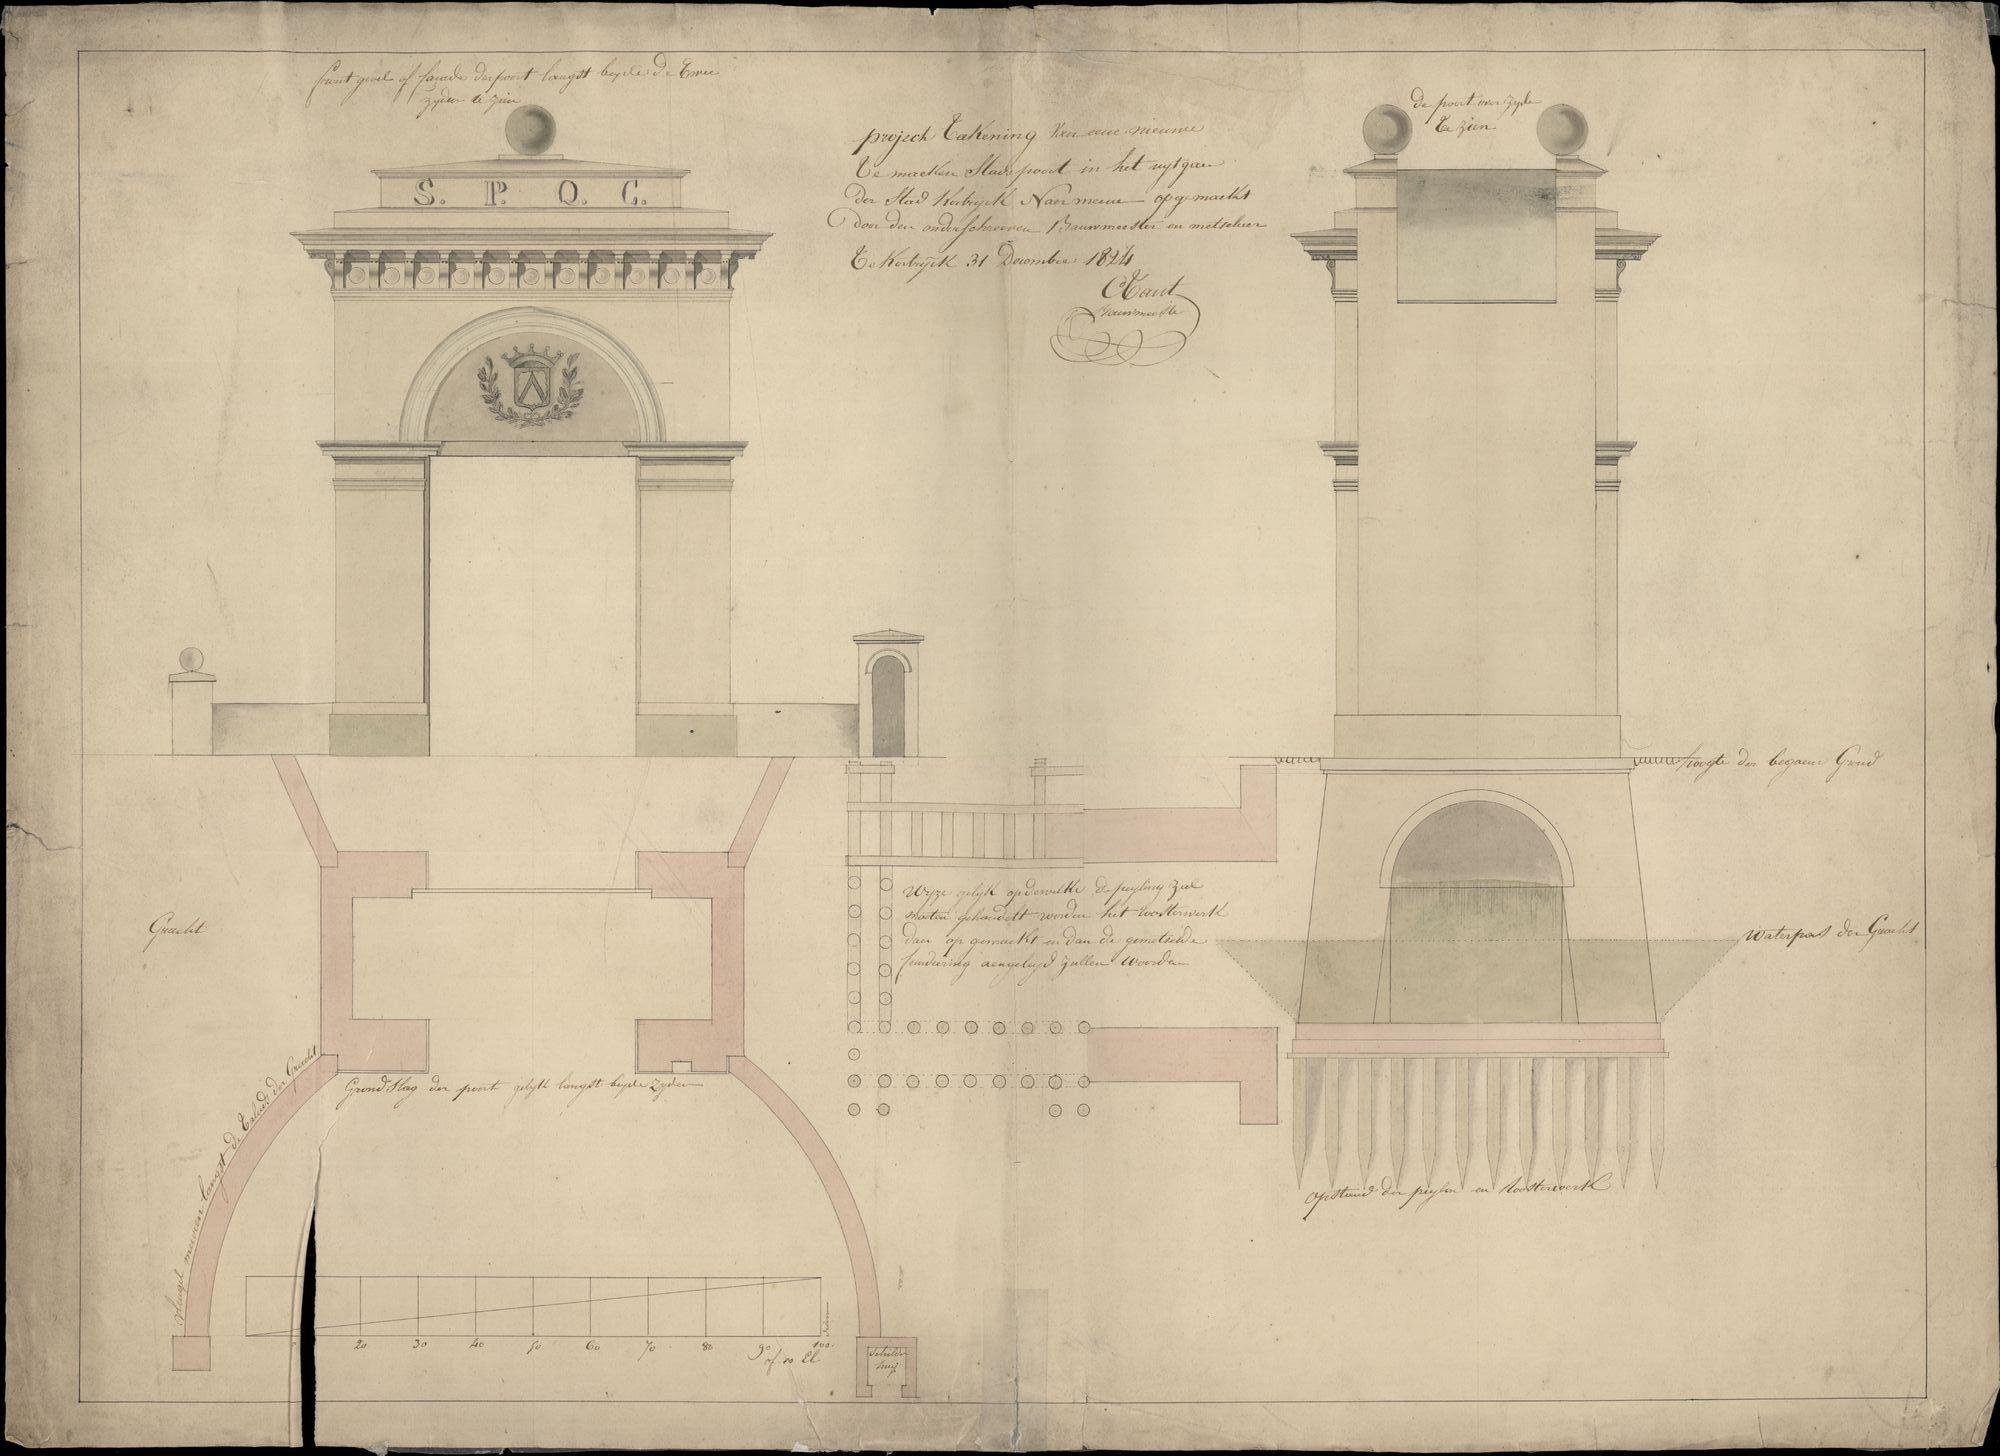 Bouwplan van de Meensepoort te Kortrijk, opgemaakt door C. Tant, 1824